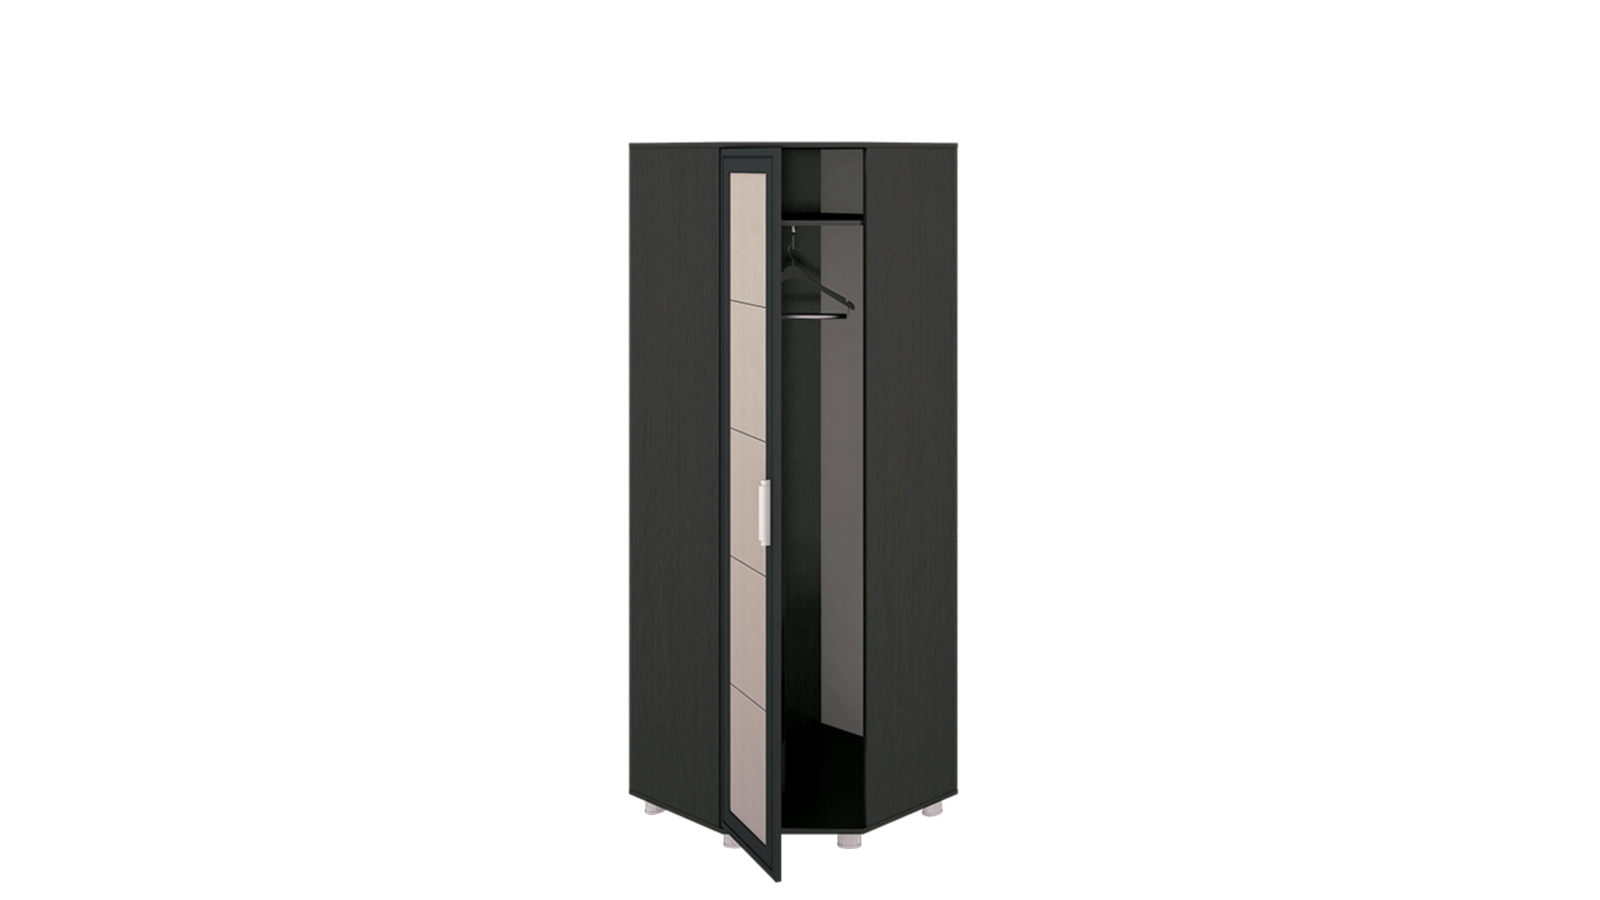 Шкаф распашной угловой Лестер вариант №1 (коричневый/бежевый) от HomeMe.ru